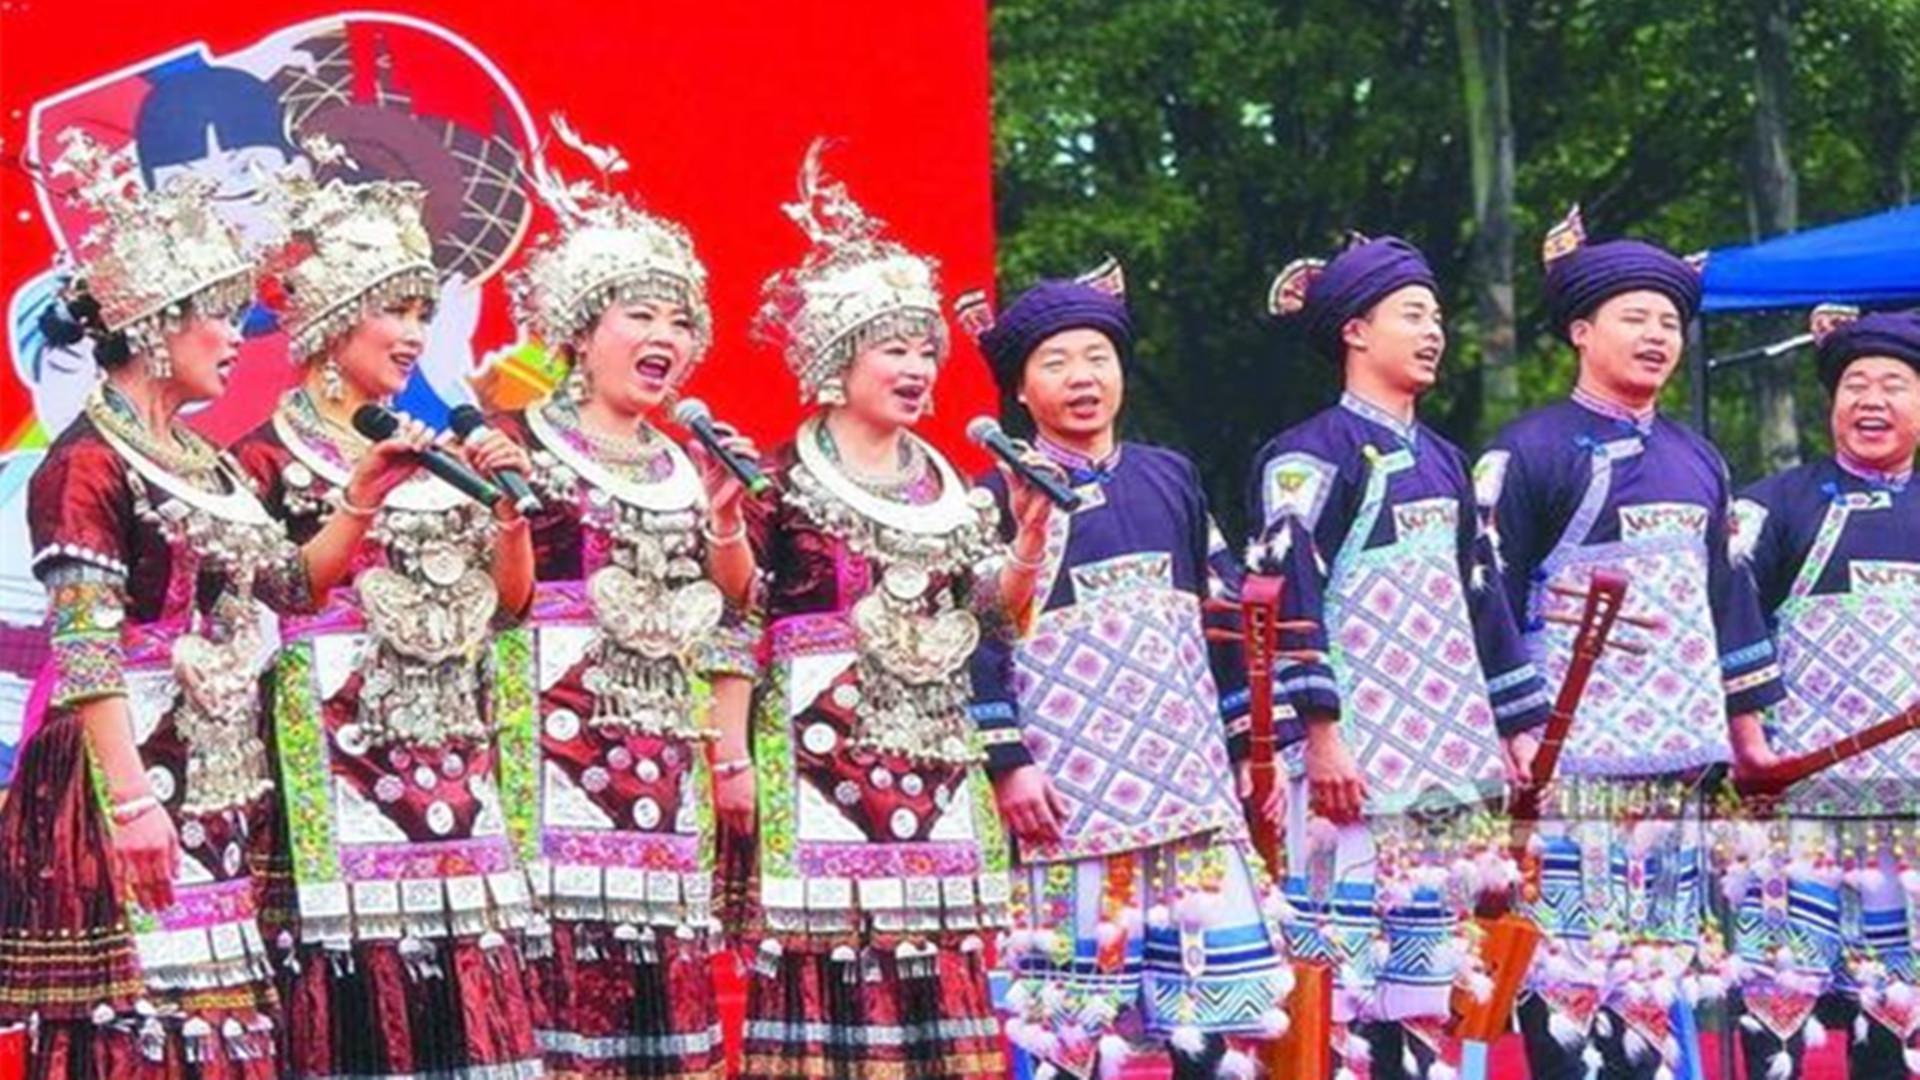 在中国,一些少数民族依然保留母系社会的传统,很多做法难以置信